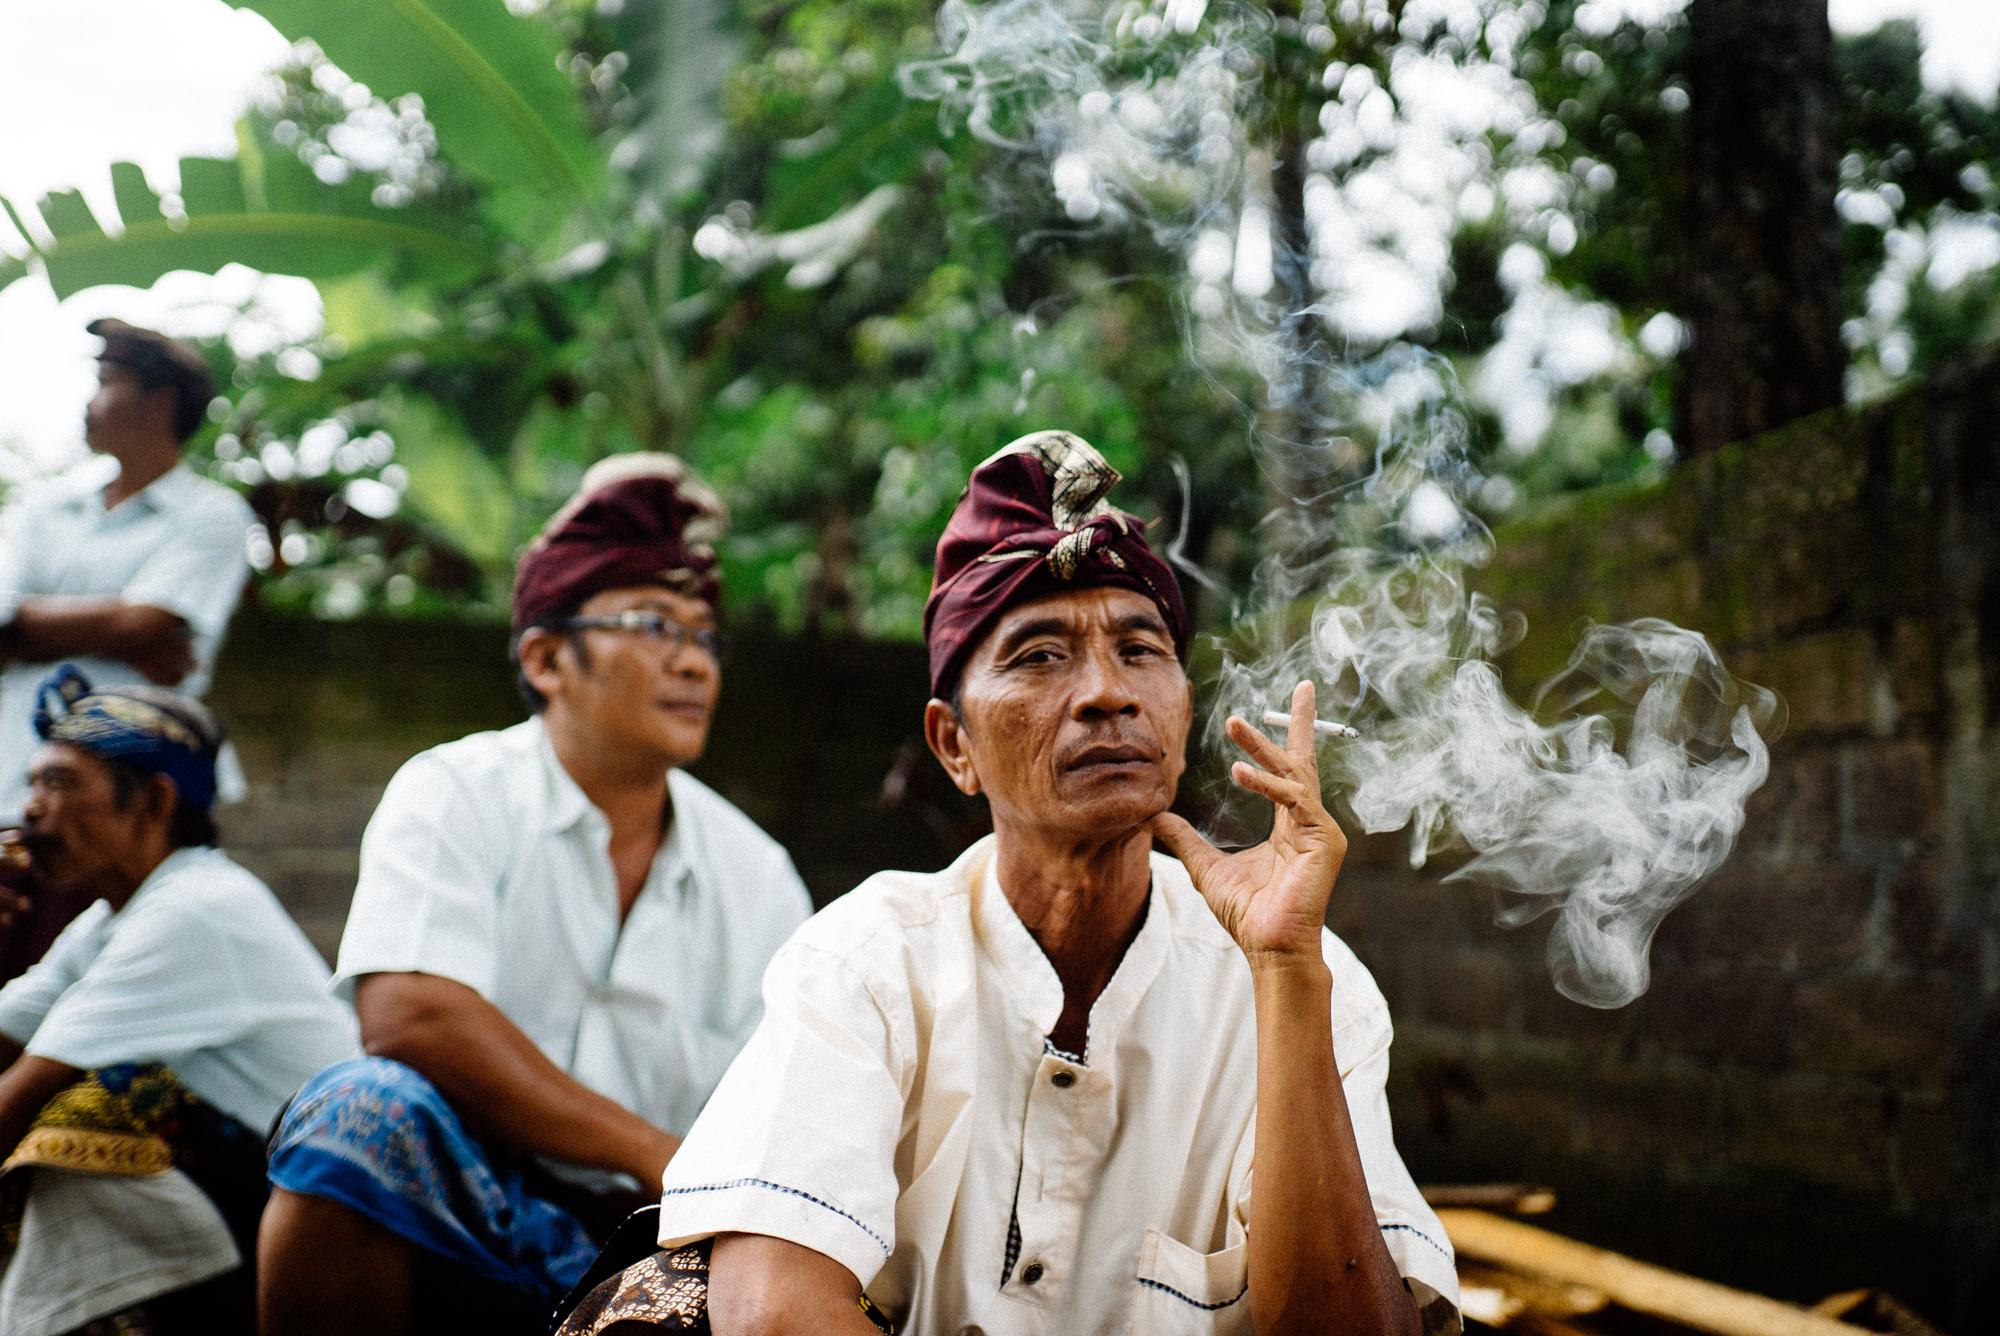 Bali-Gamelan-Web-13.jpg